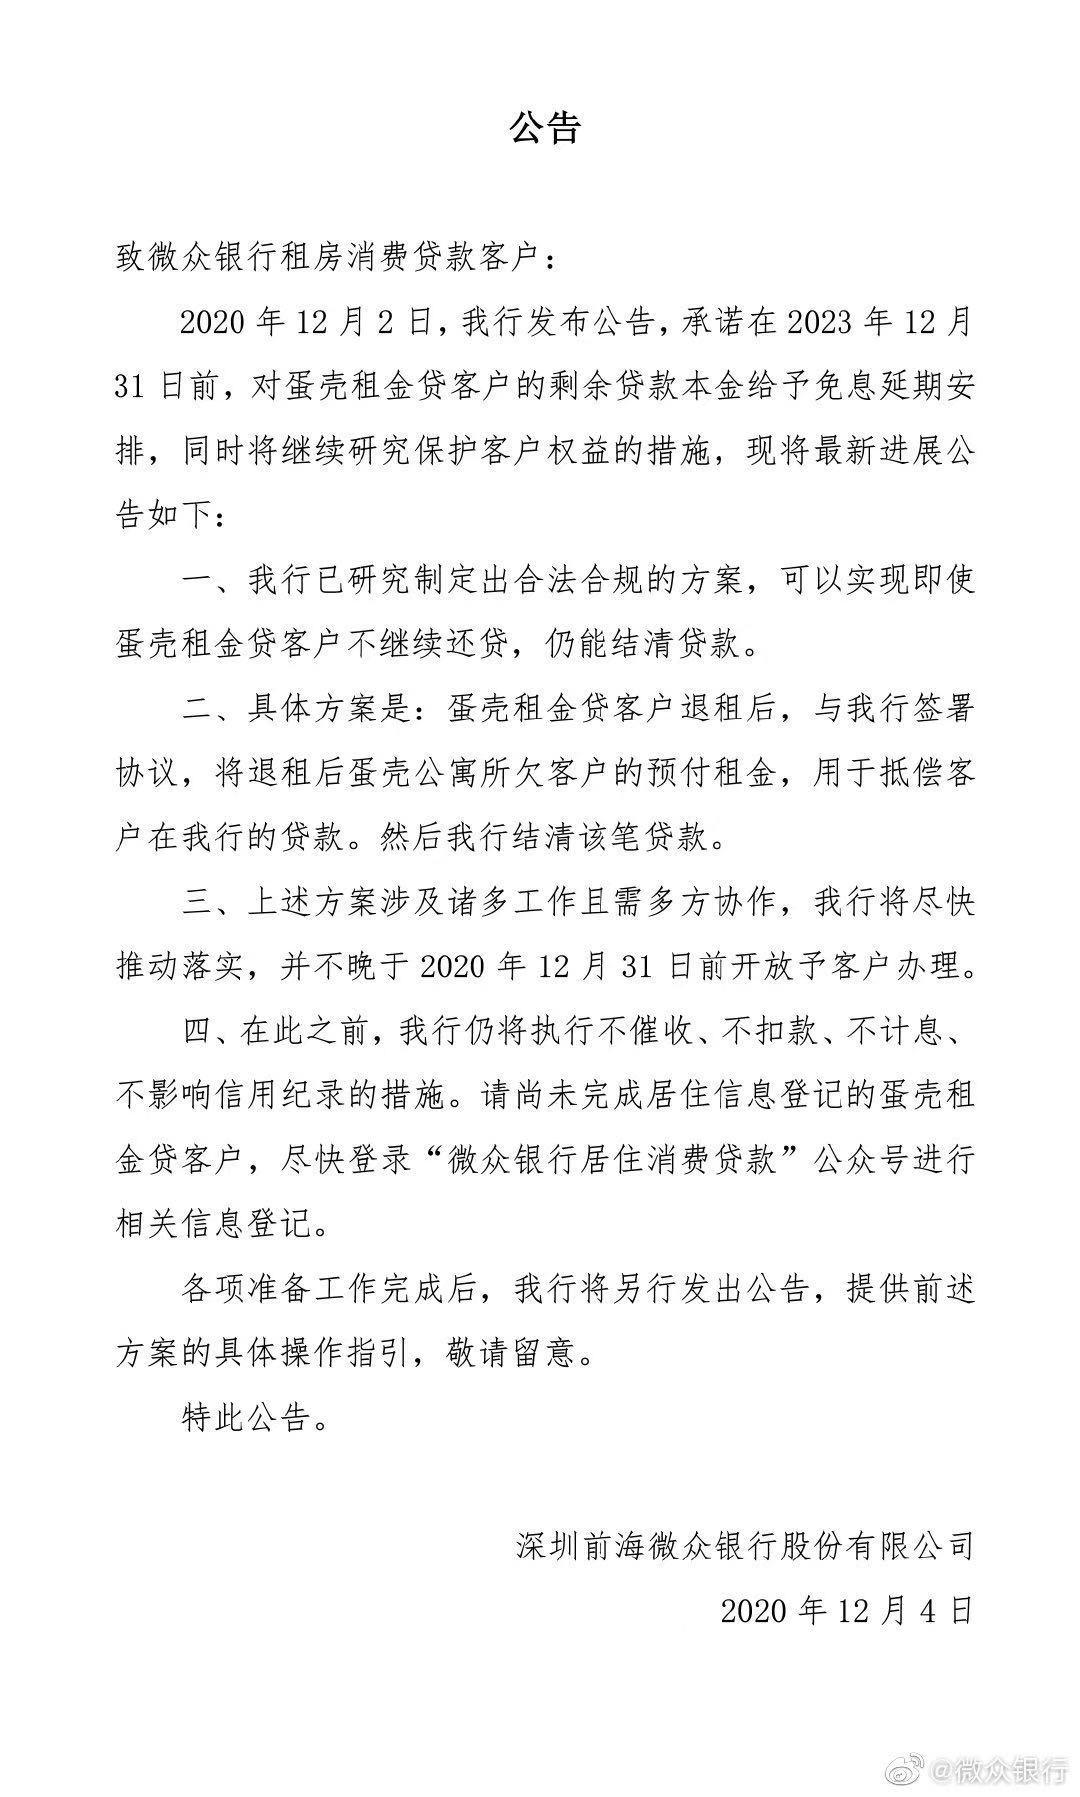 微眾銀行:即使蛋殼租金貸客戶不繼續還貸 仍能結清貸款-中國網地産